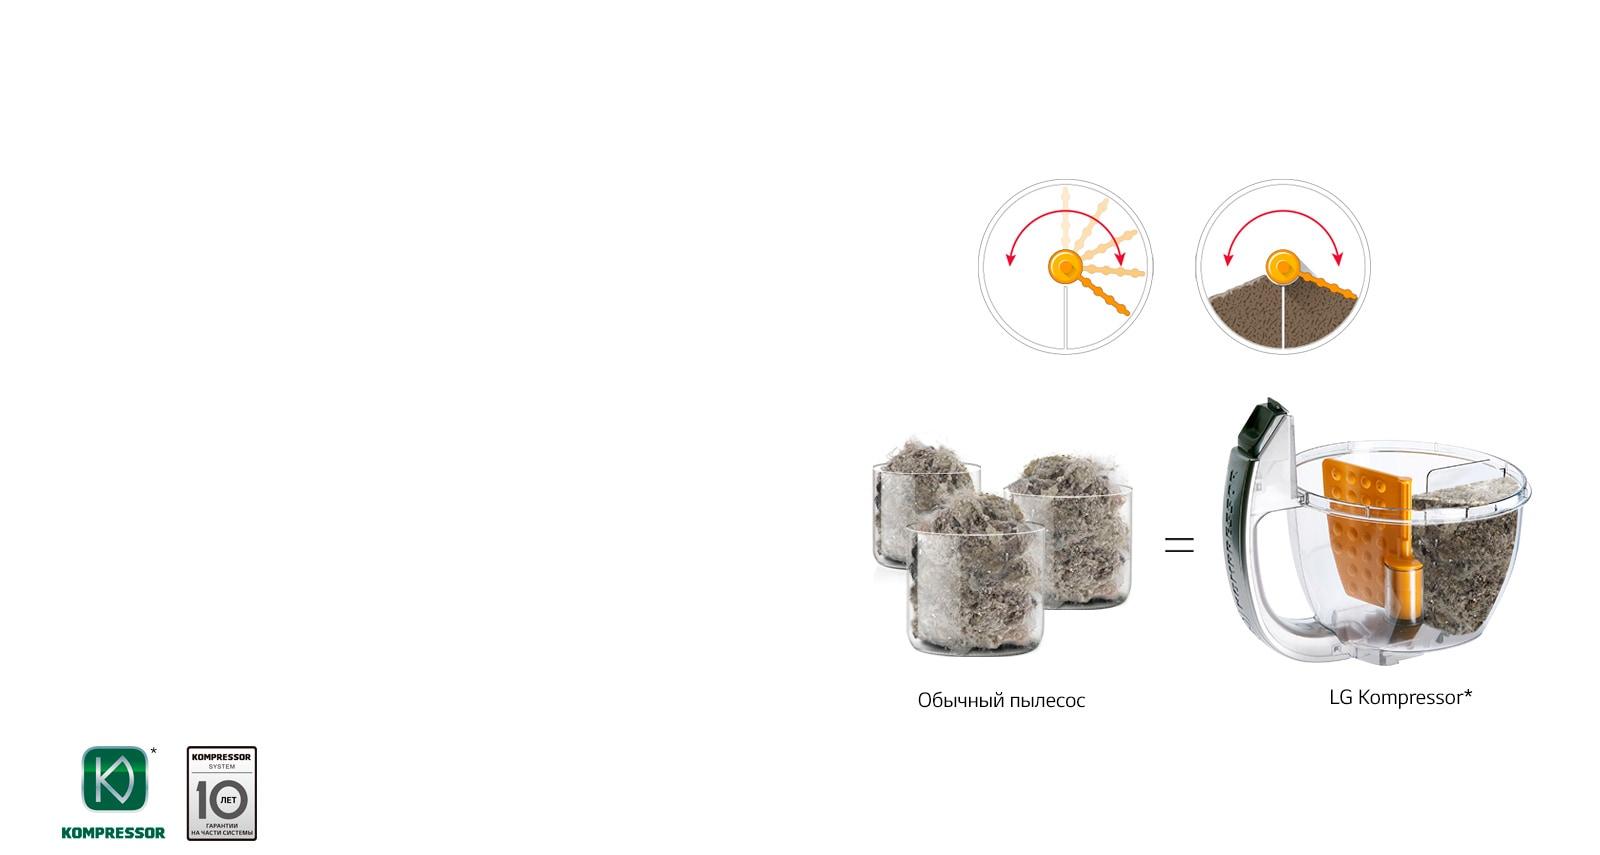 Kompressor* - тройное спрессовывание пыли